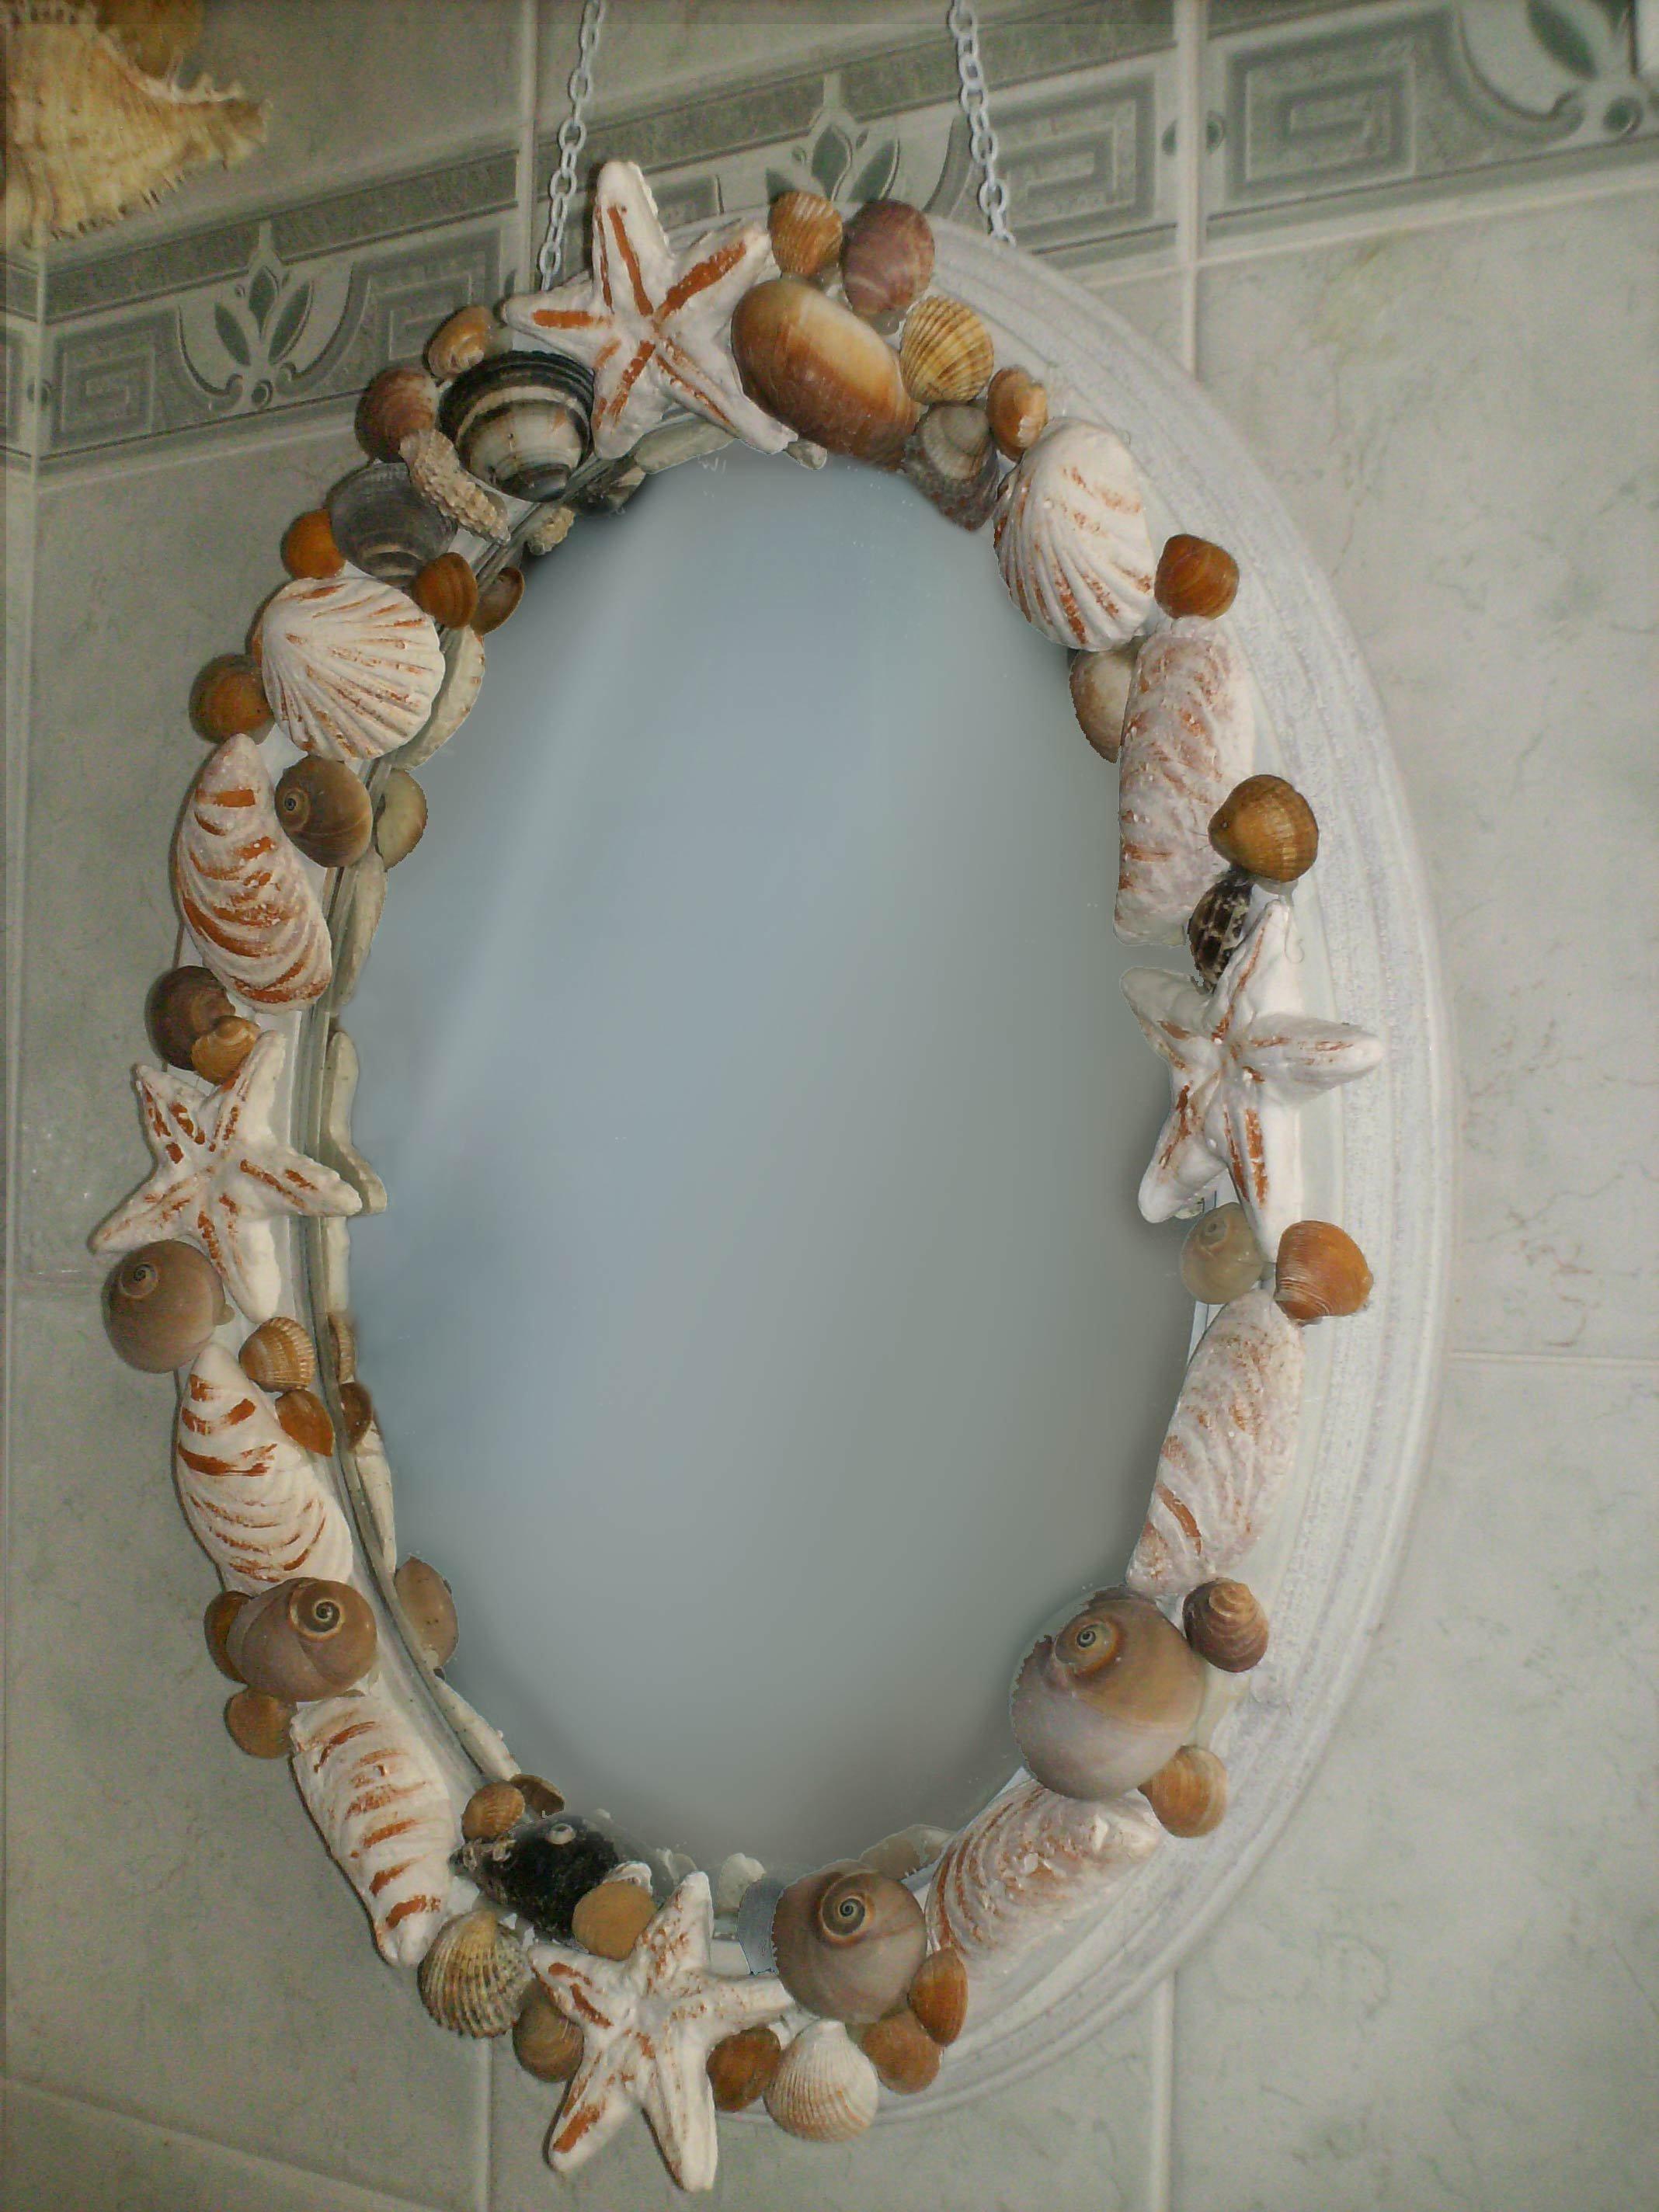 specchio con le conchiglie per ricordare il mare - cose di casa - Conchiglie Per Decorazioni